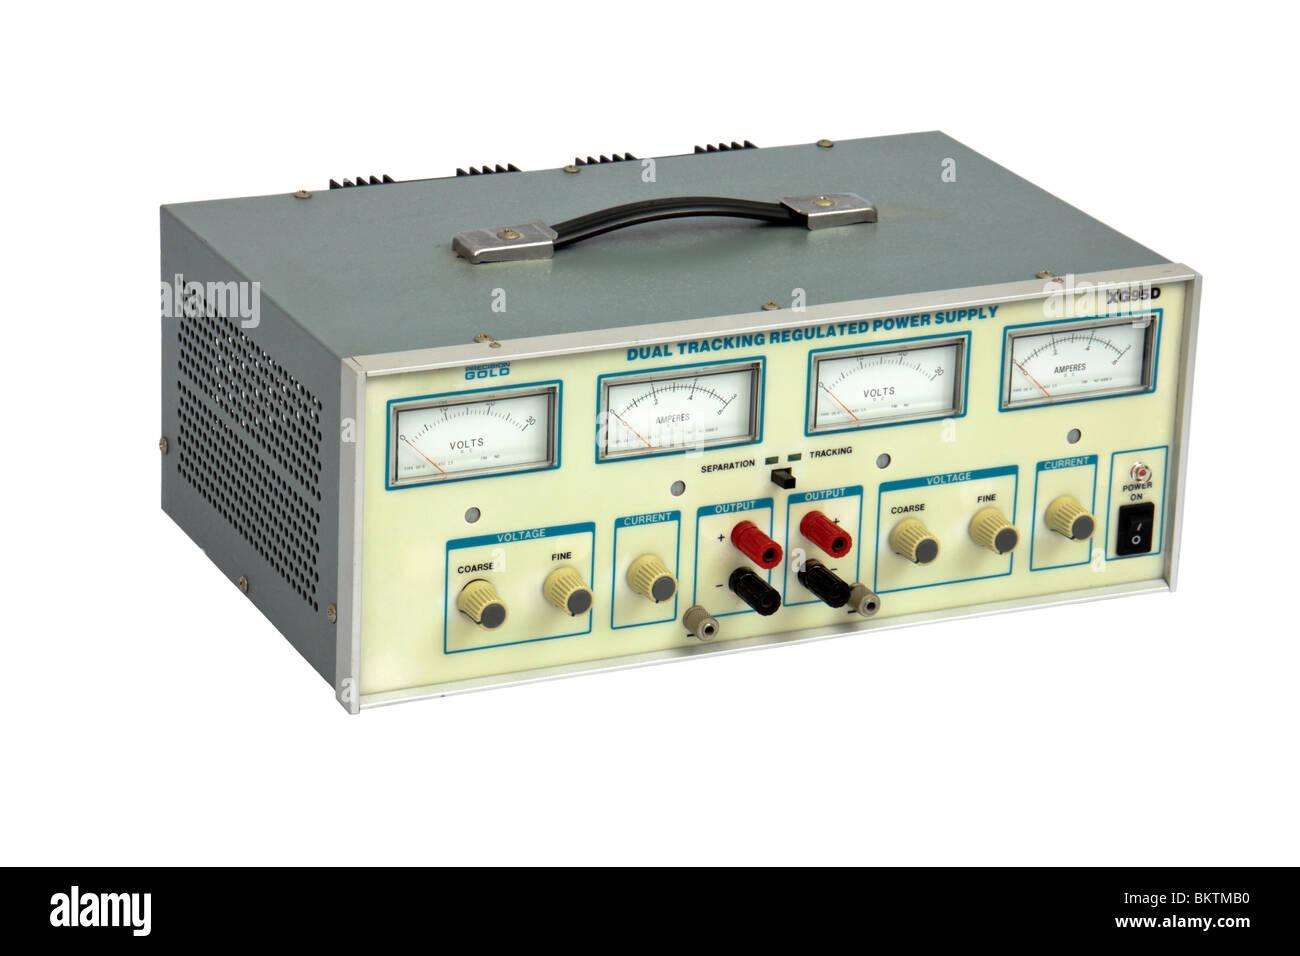 Maplin Präzision Gold XG95D Dual Tracking geregelten Netzteil, isoliert auf weißem Hintergrund Stockbild